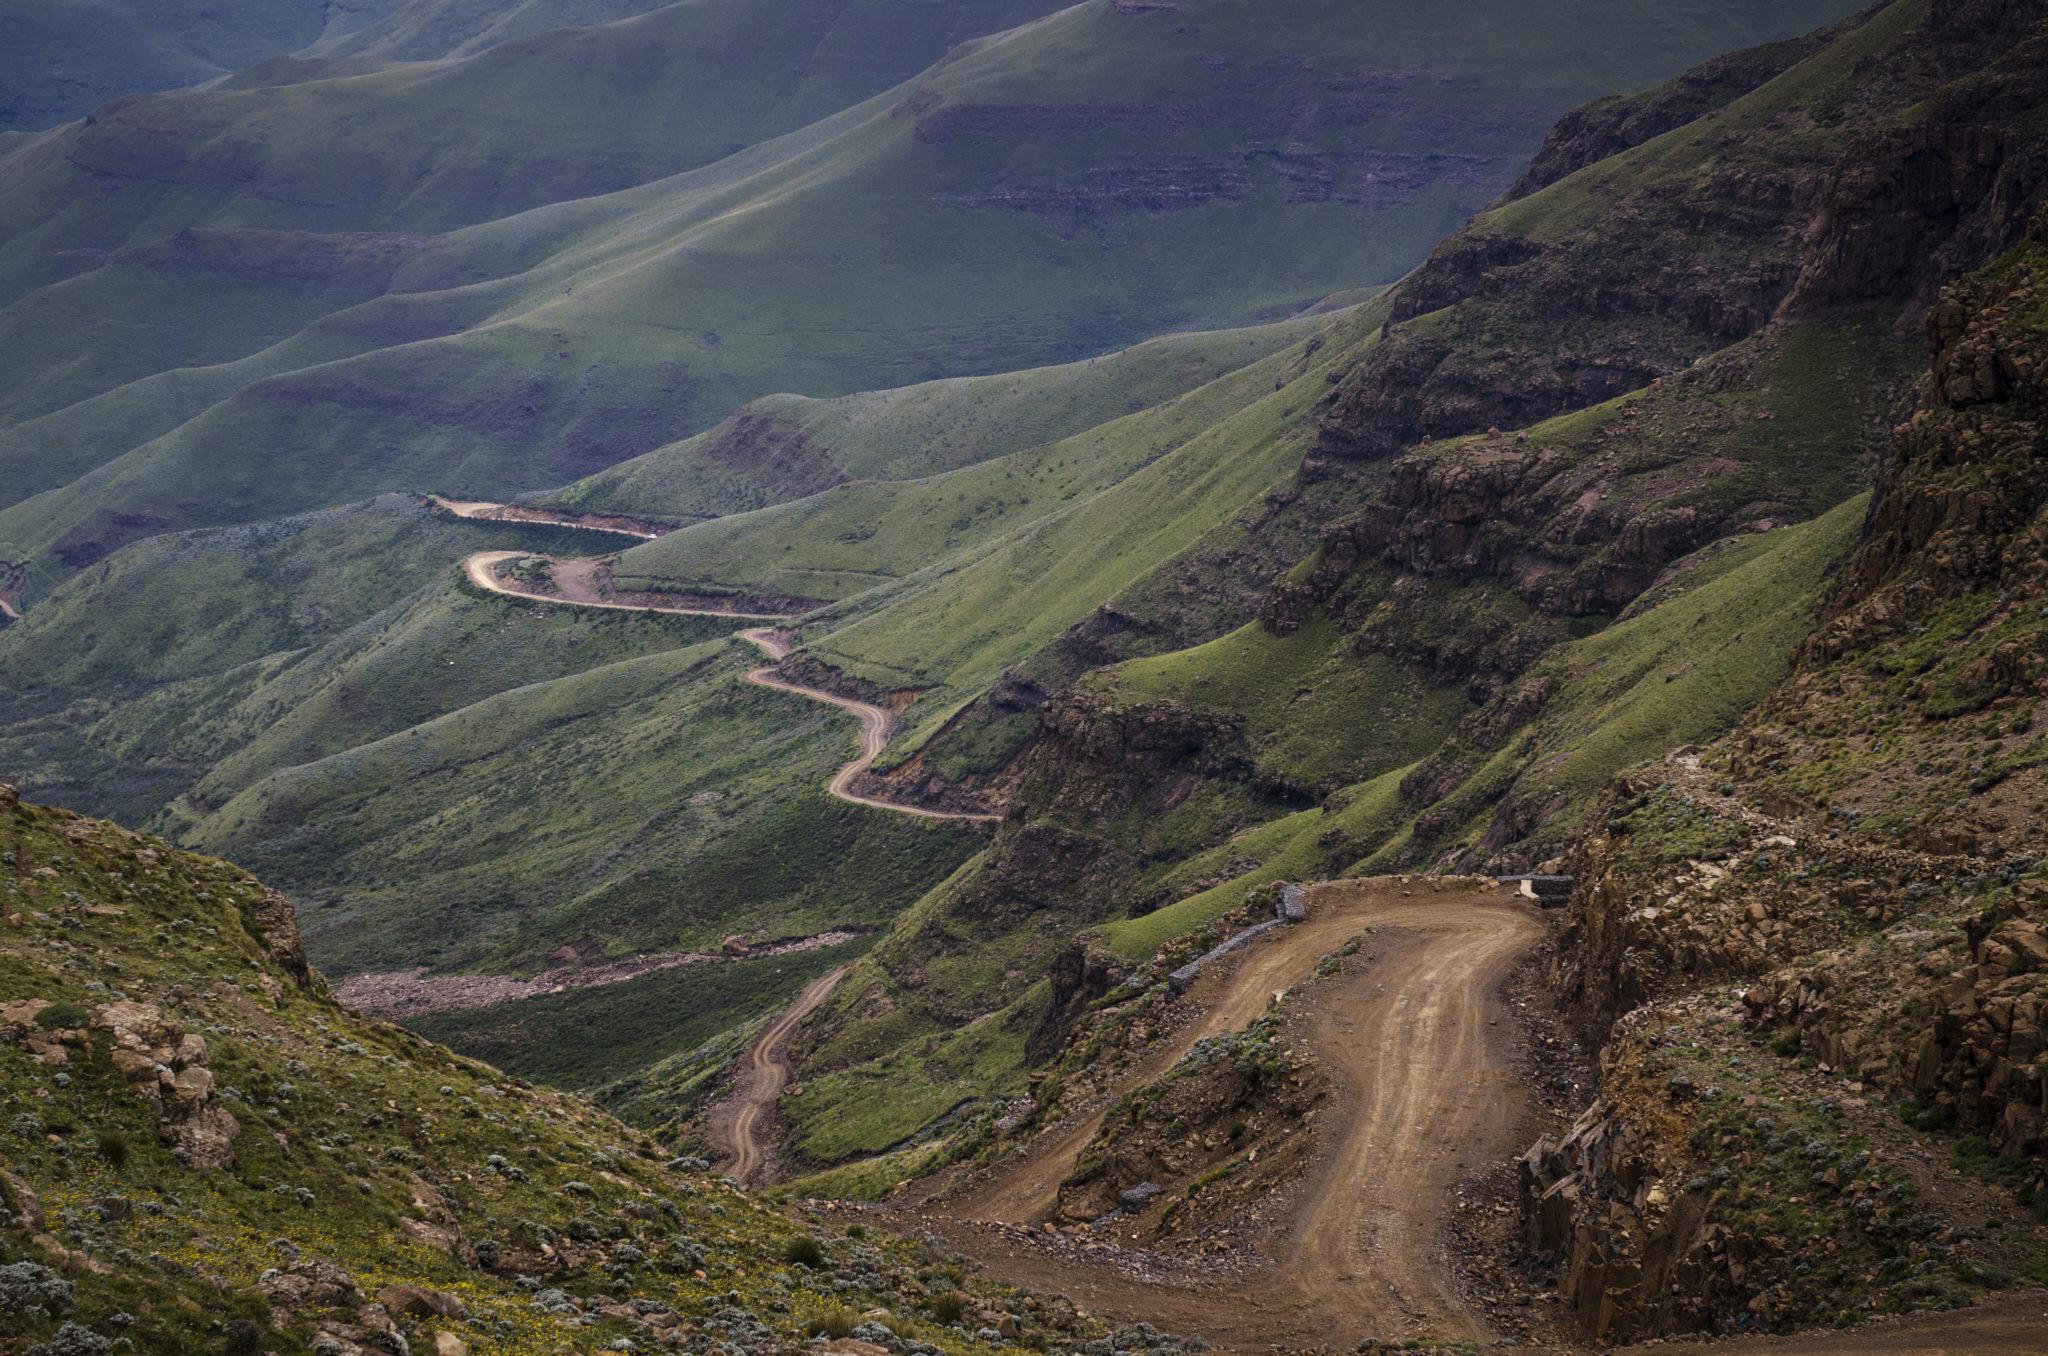 Der Sani Pass in Südafrika und Lesotho gilt als gefährliche Bergstraße